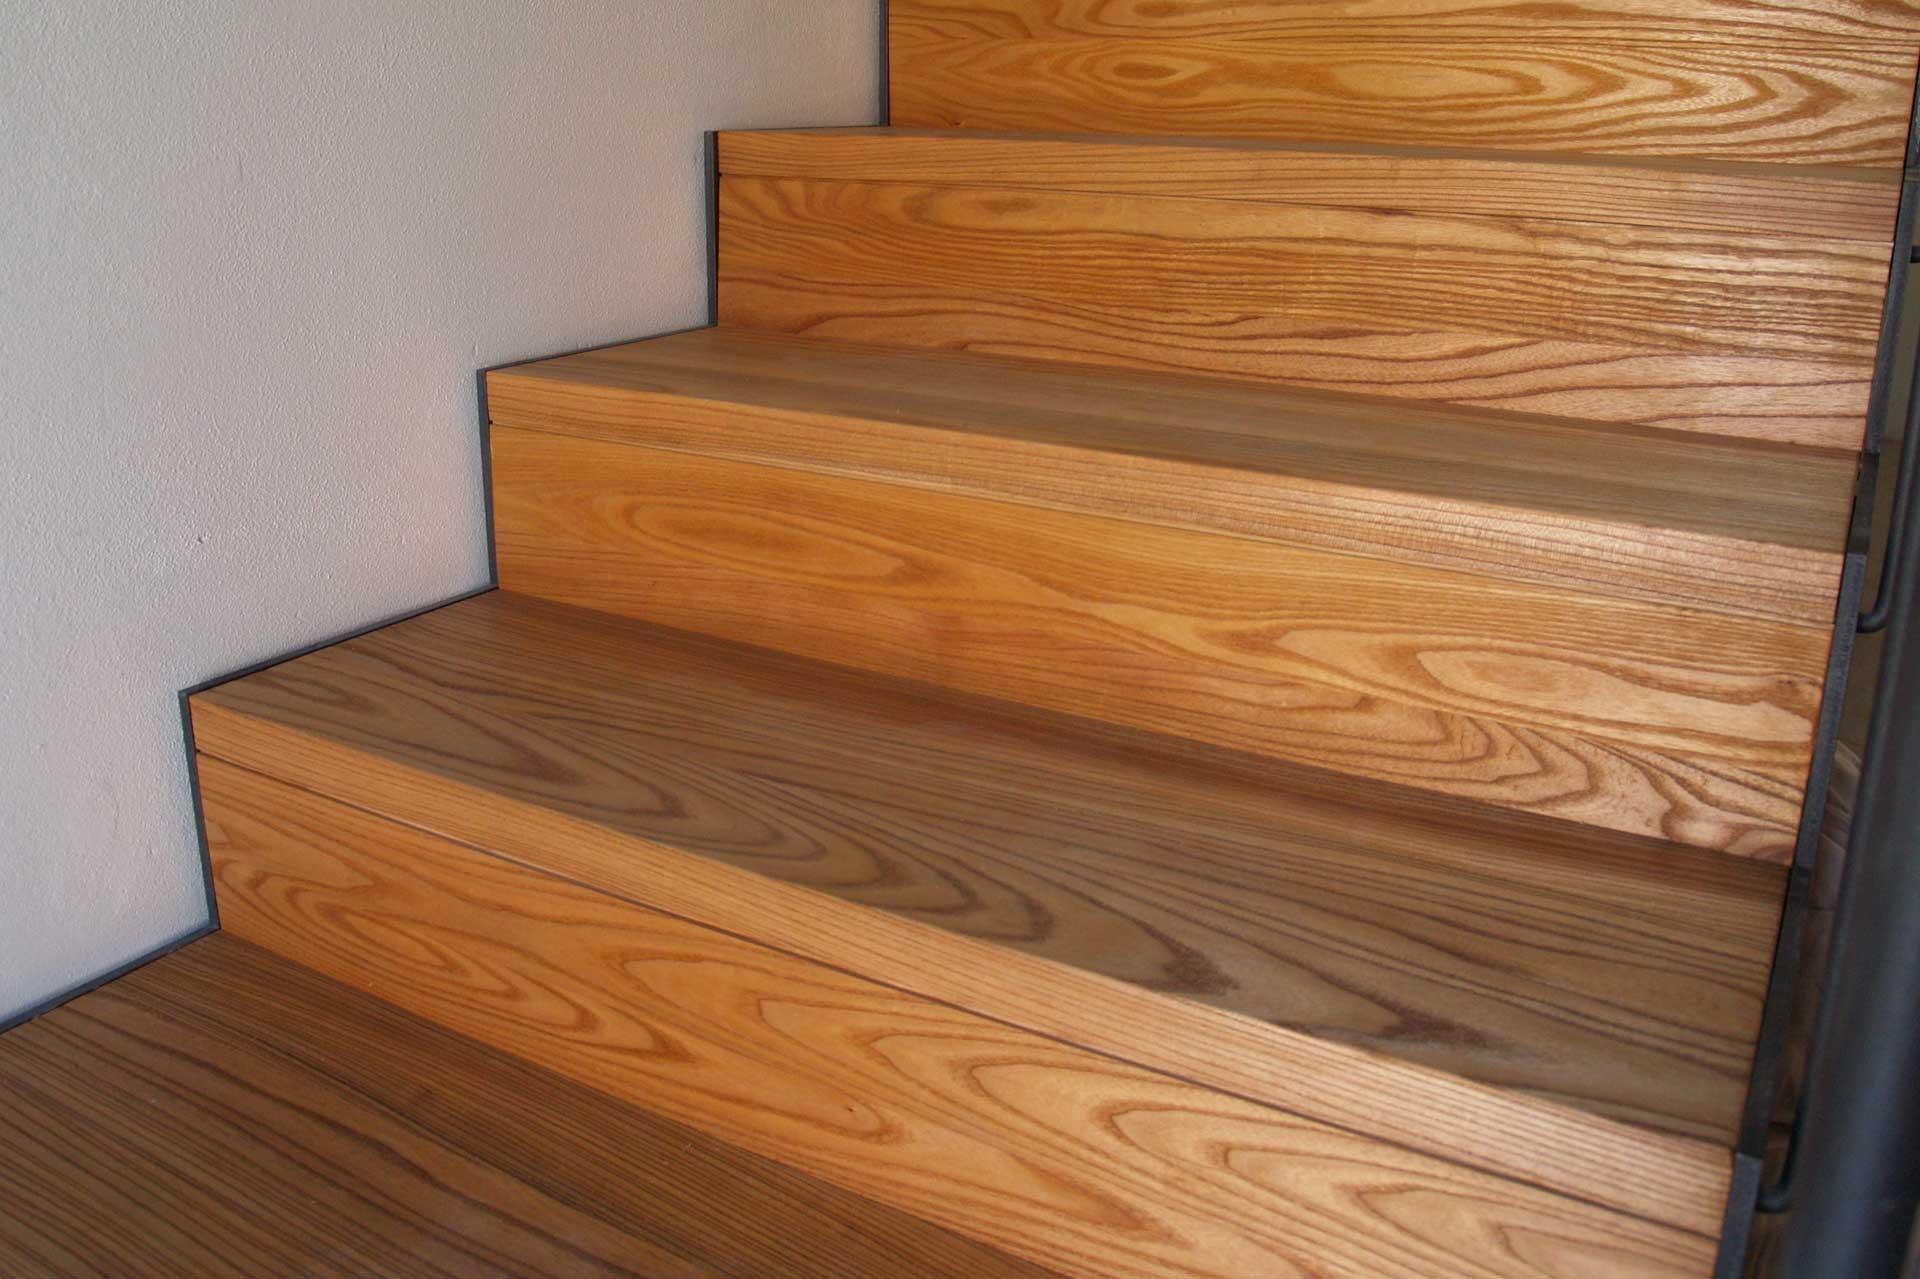 Trattamento per scale firenze azienda di trattamento scale da esterni da interni firenze toscana - Cotto per scale ...